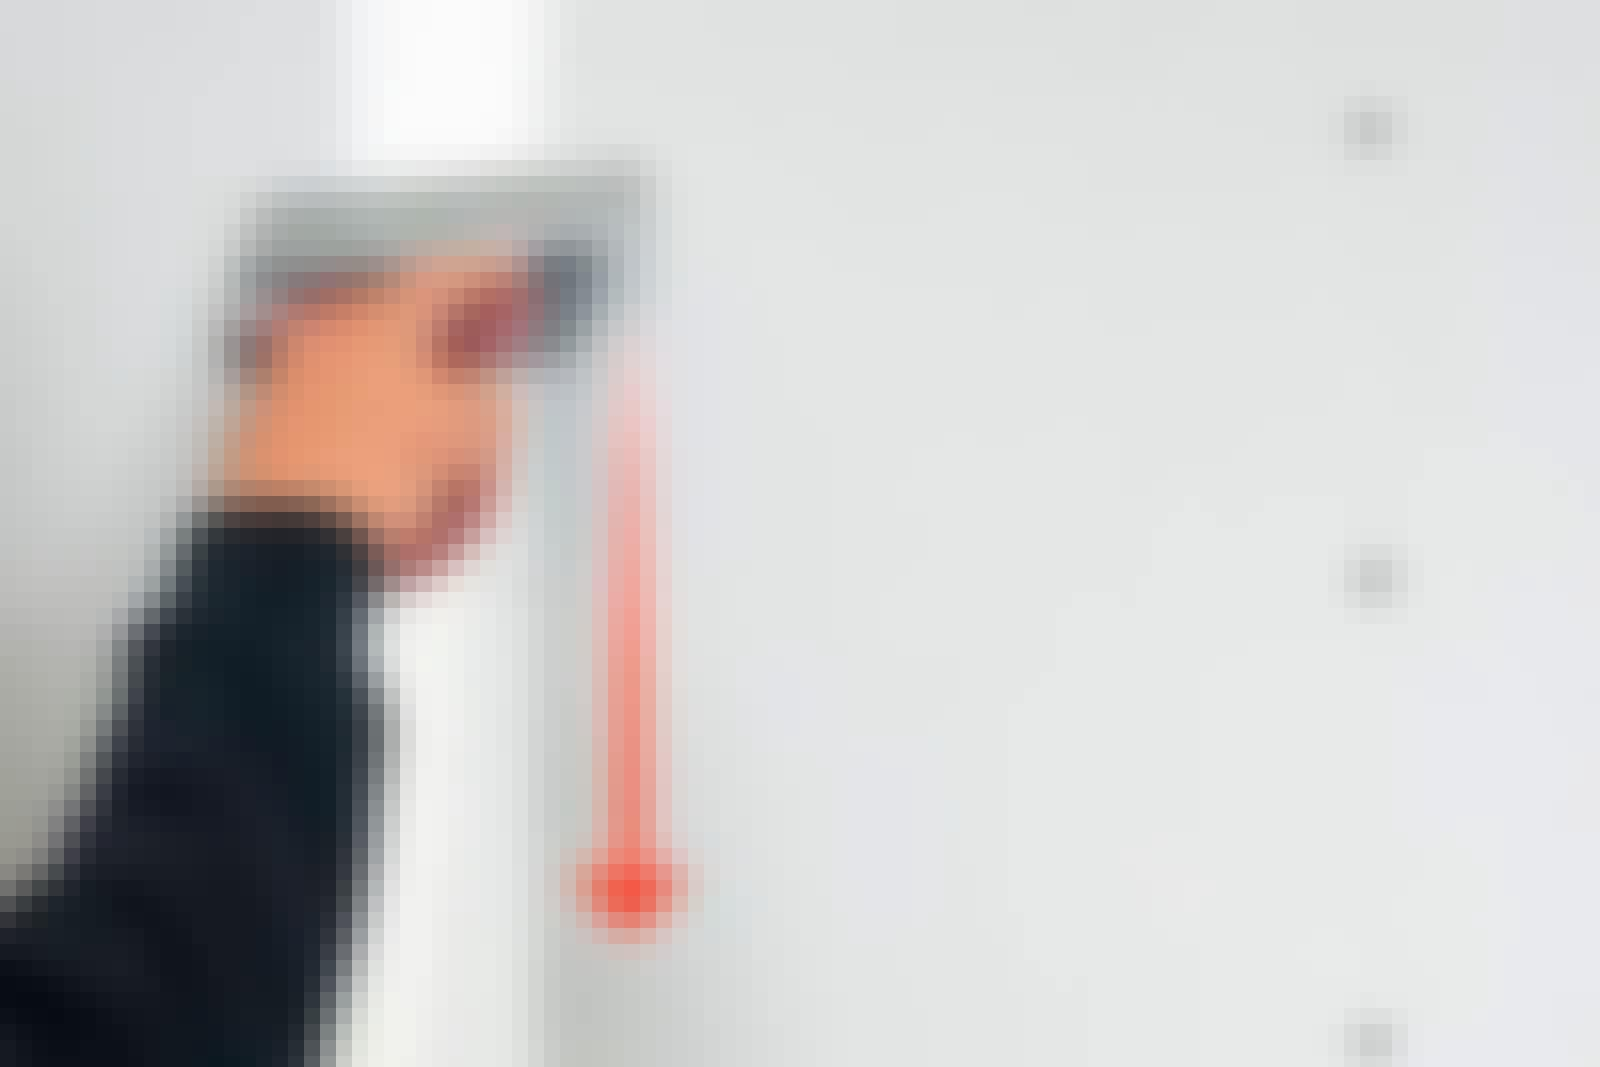 Spartelmasse: Hvor længe skal spartelmasse tørre?